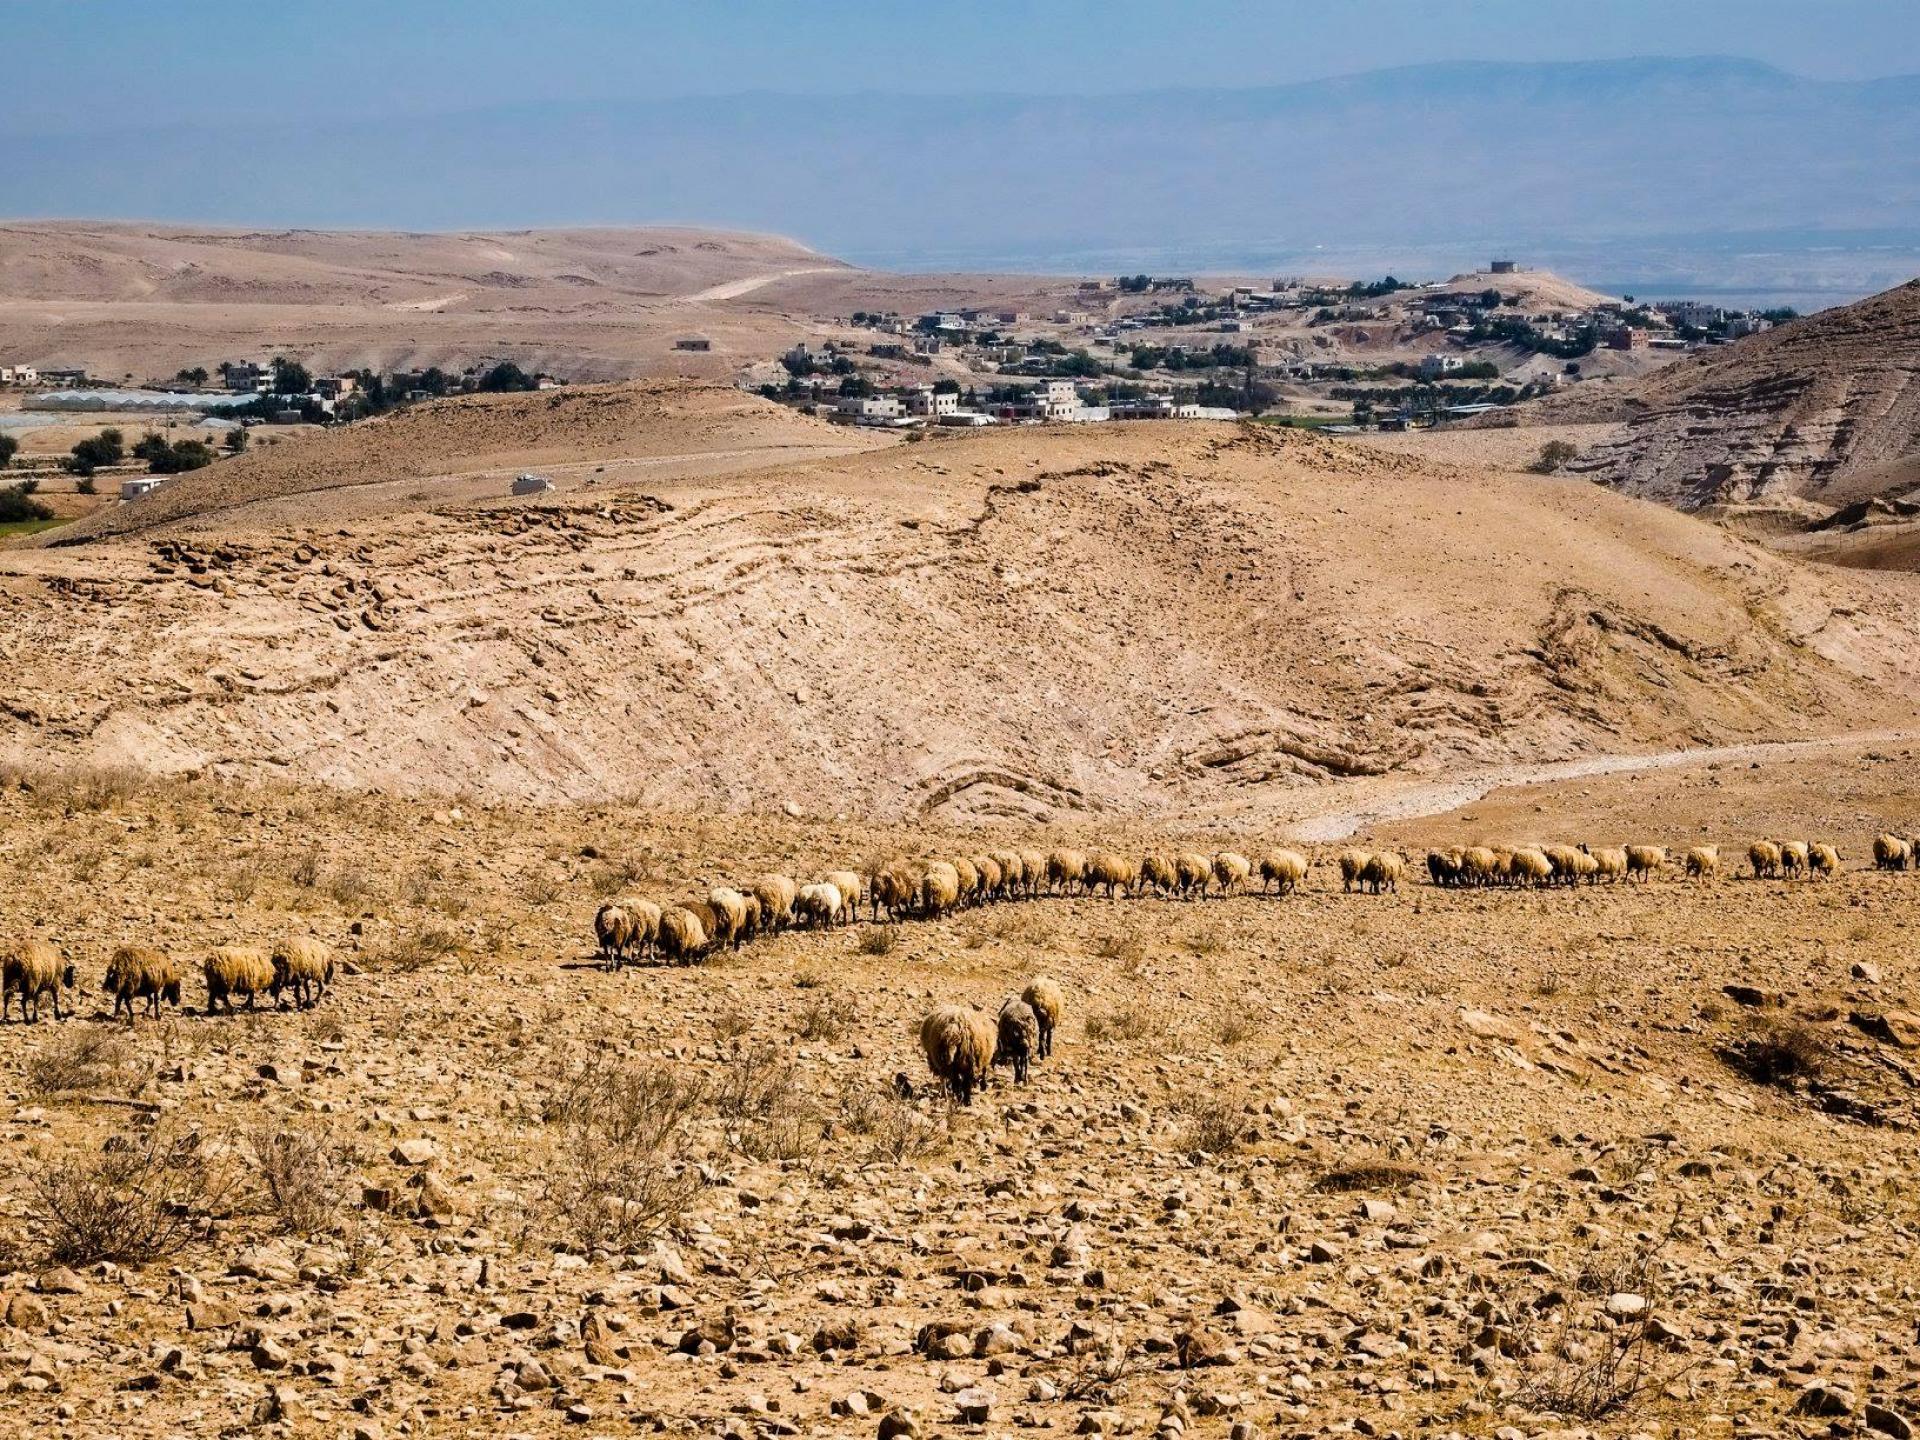 דרום בקעת הירדן: עדר כבשים פלסטיני